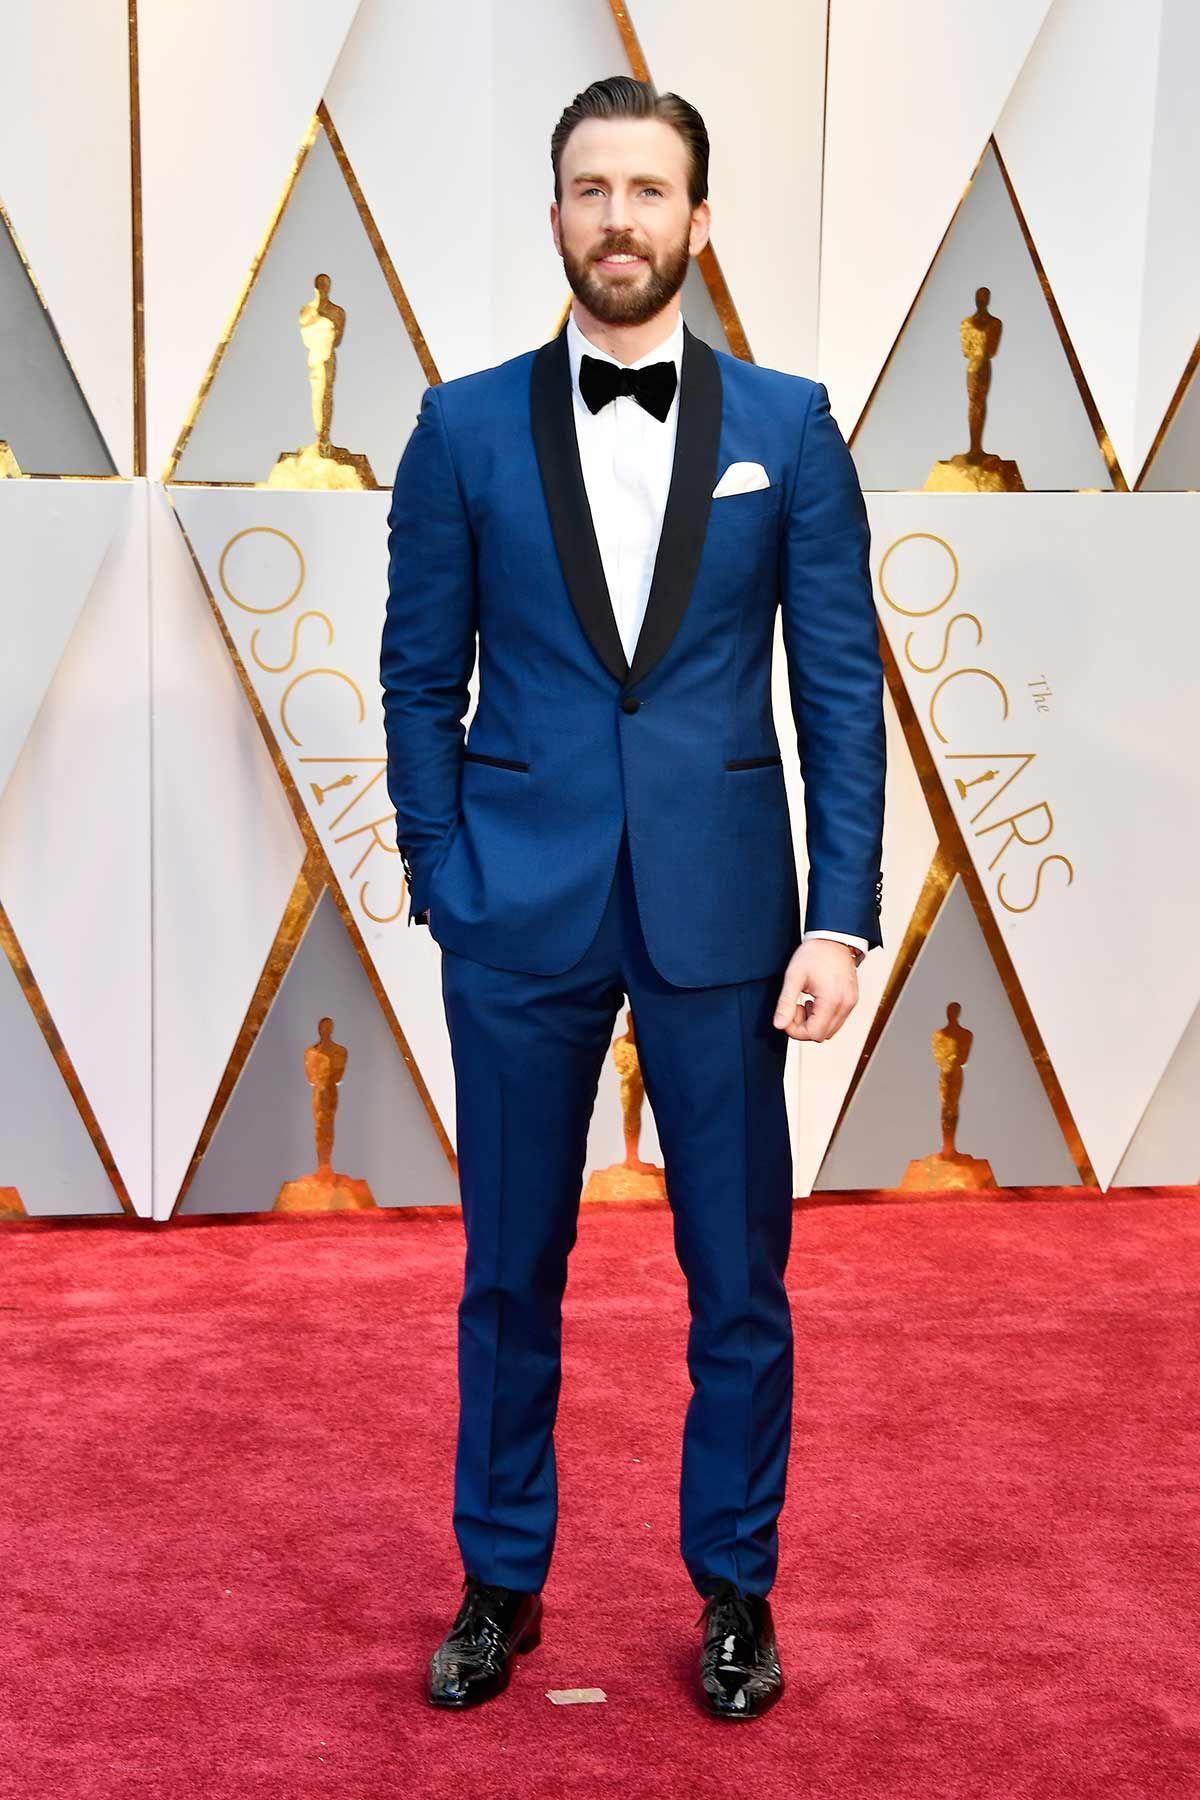 La Alfombra Roja De Los Premios Oscar 2017 Esmoquin Para Novio Traje Para Boda Hombre Traje De Novio Azul